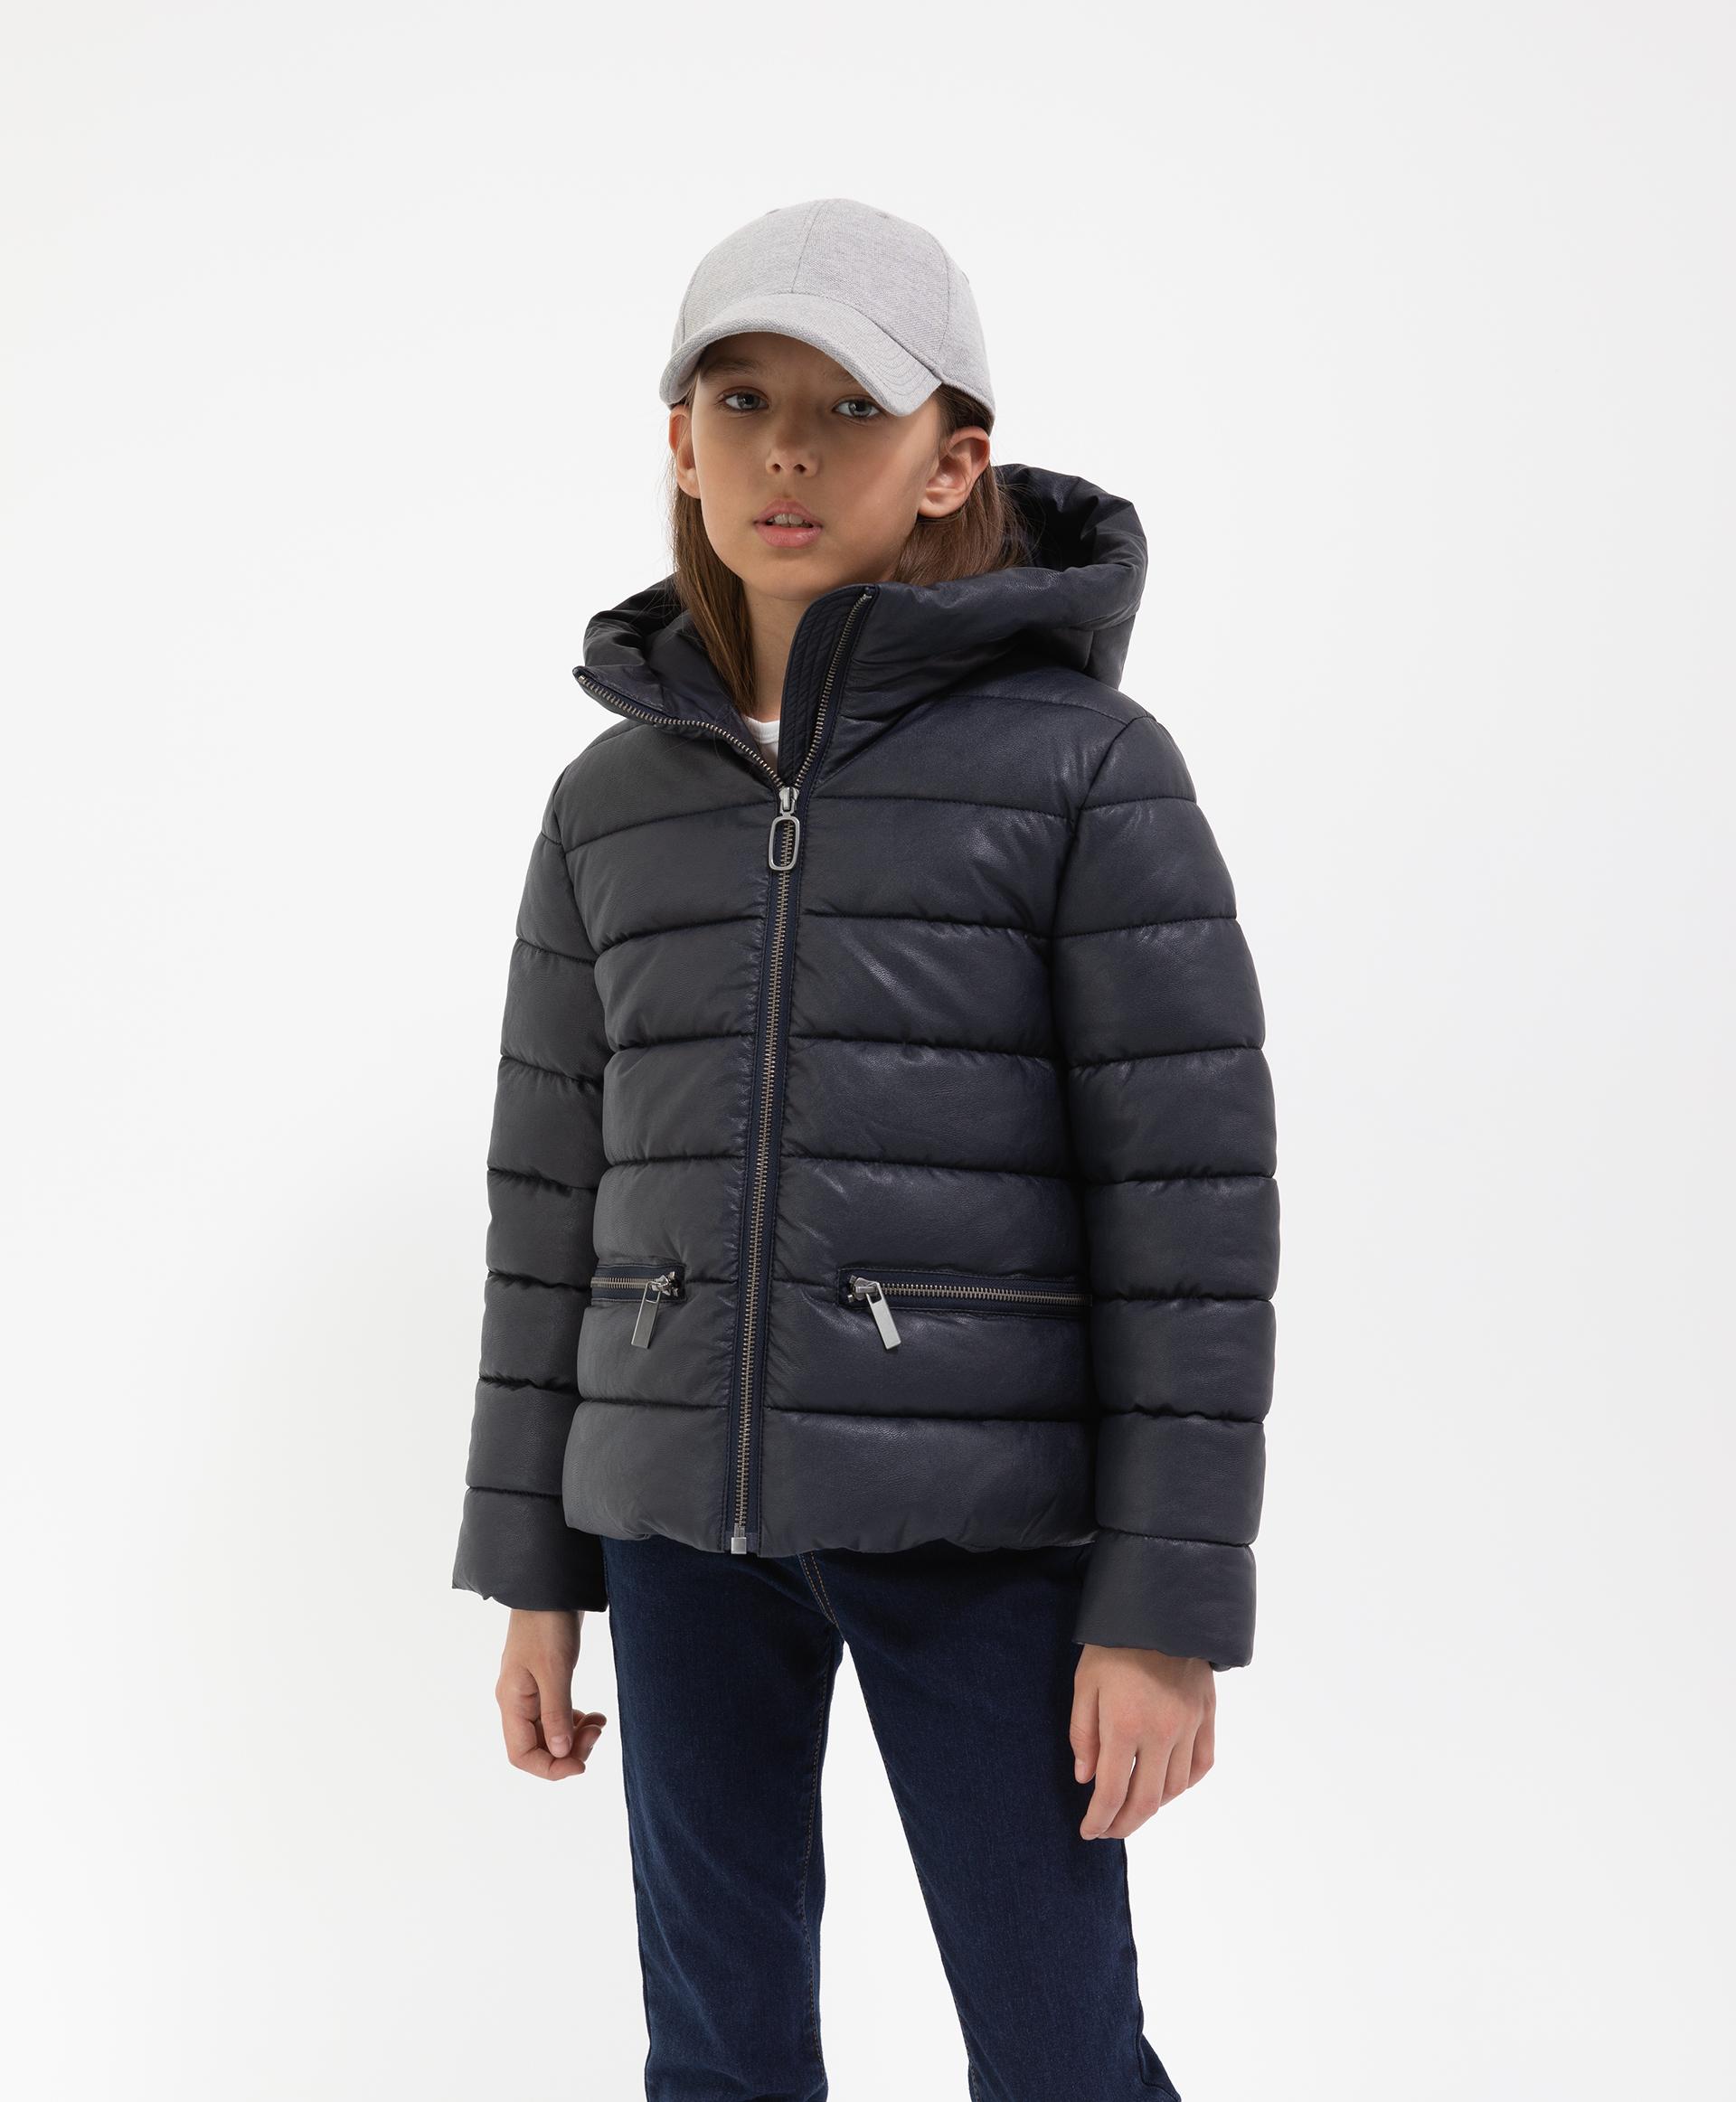 Купить 221GSGC4102, Куртка синяя с капюшоном демисезонная Gulliver, 134, Женский, ШКОЛЬНАЯ ФОРМА 2021-2022 (shop: GulliverMarket Gulliver Market)